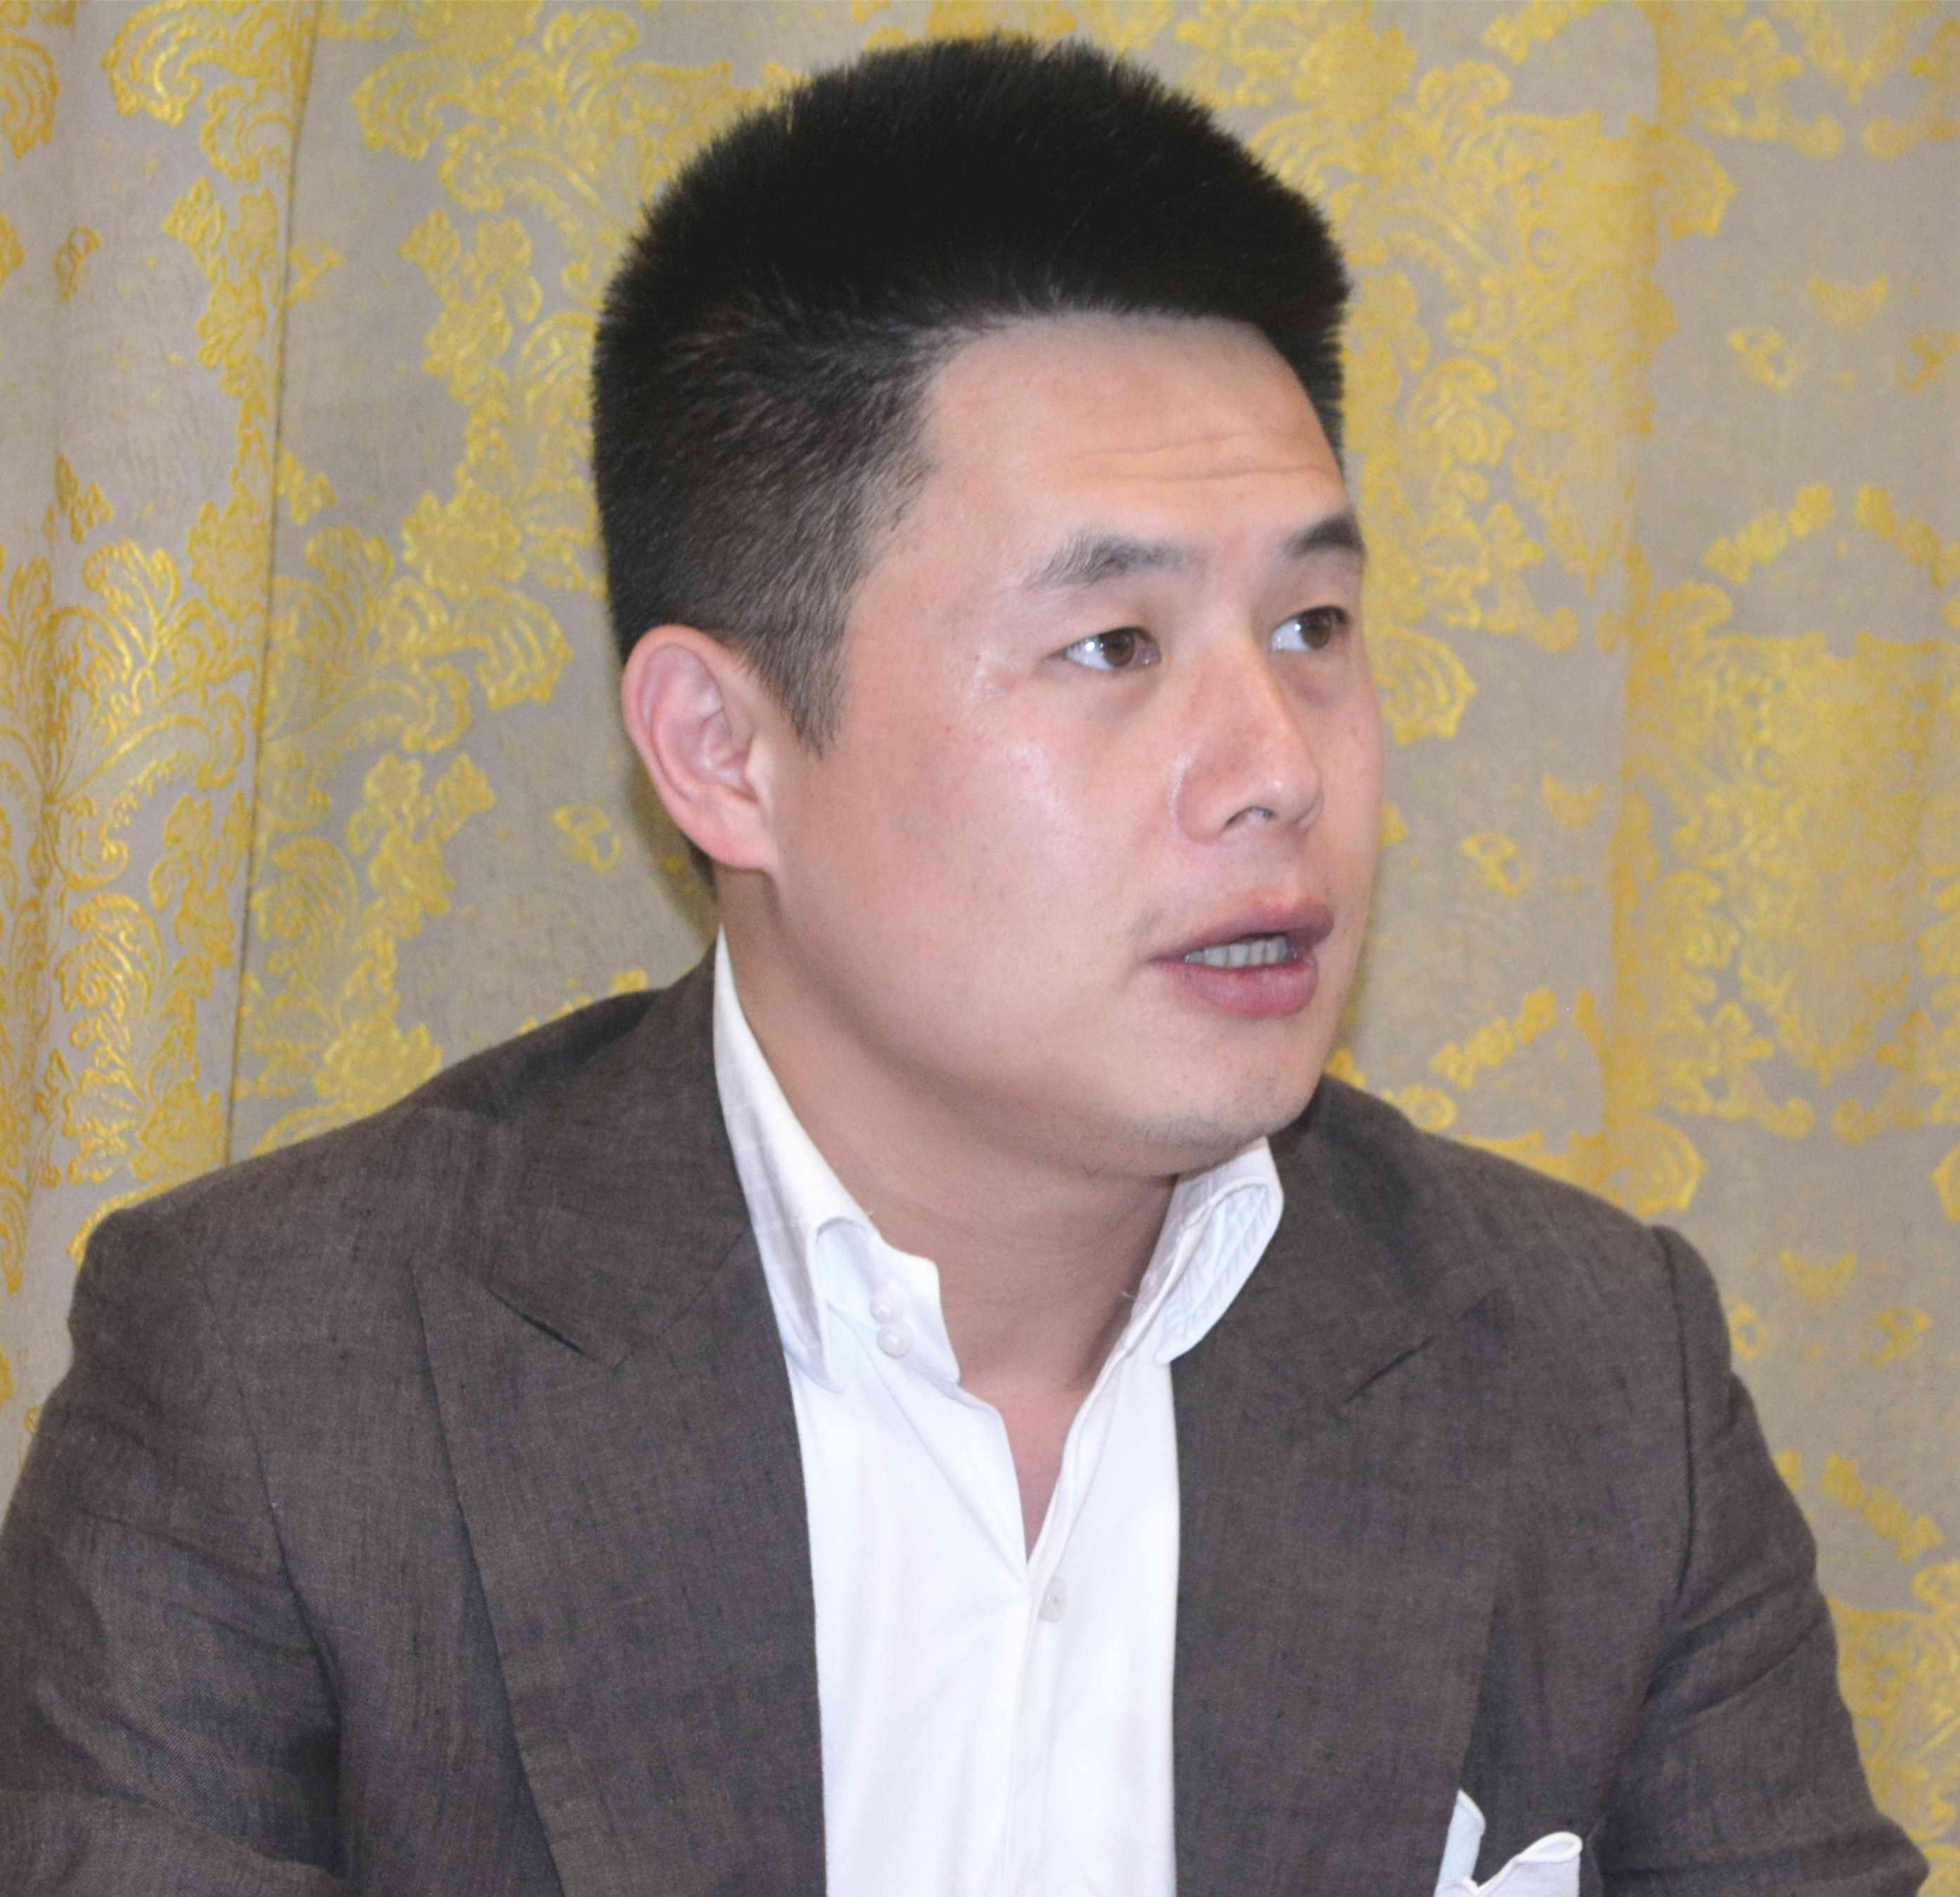 章起华,上海滩金融集团董事长.jpg